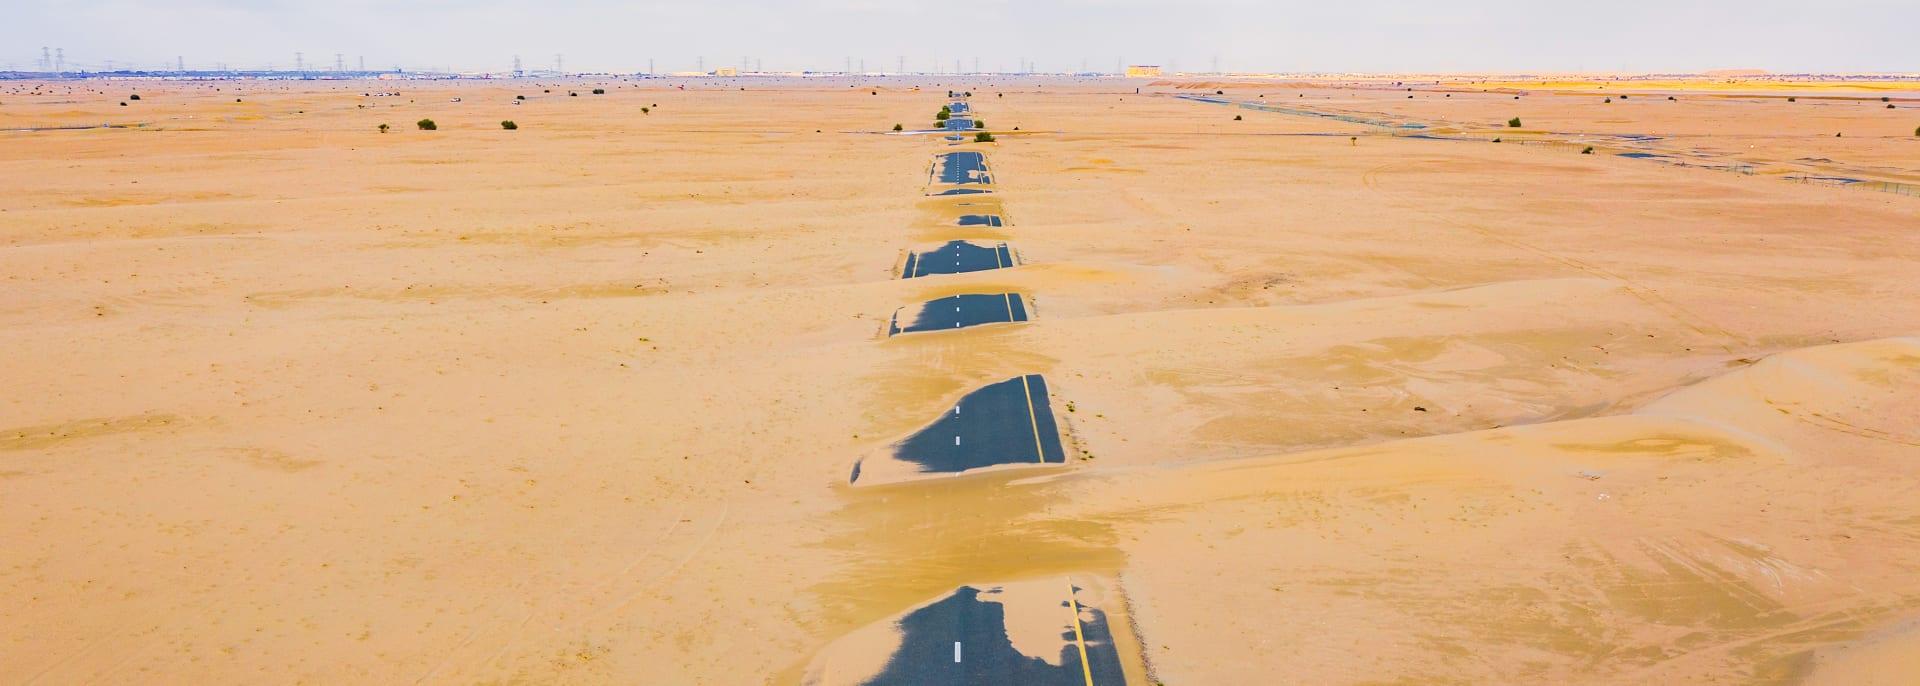 Safari Strassen, Vereinigte Arabische Emirate